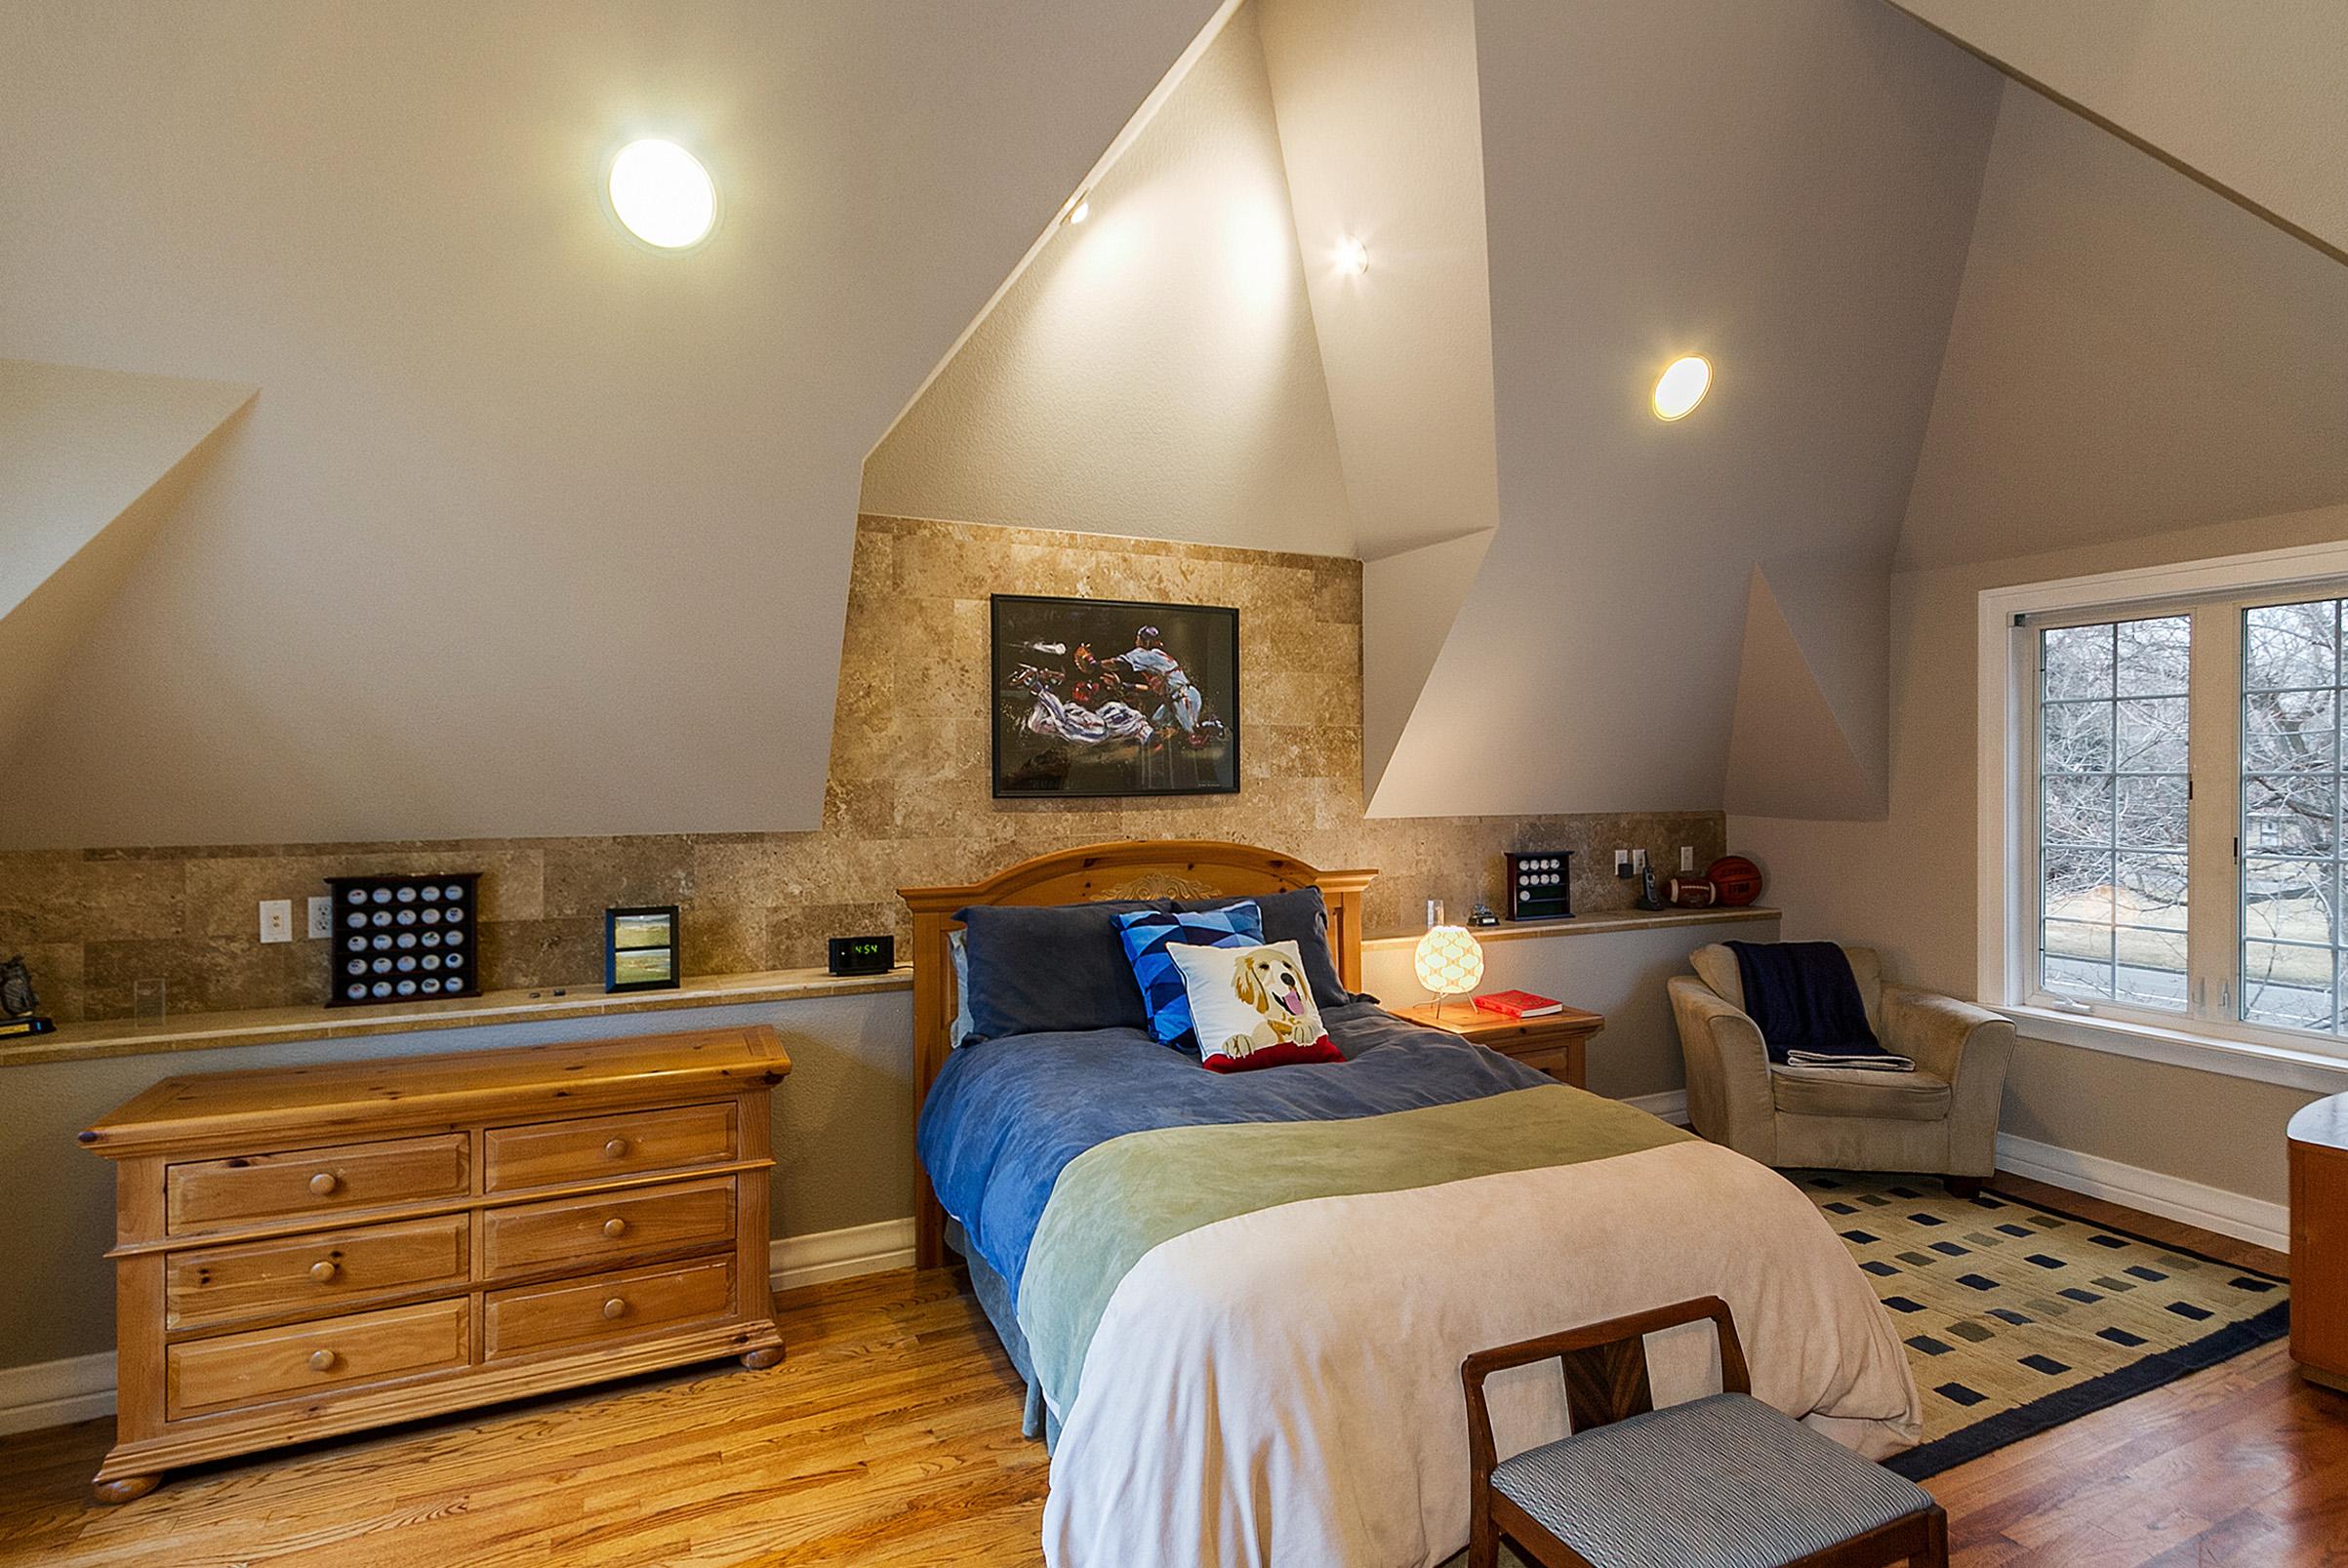 1183050_Vaulted-2nd-Floor-Bedroom_high.jpg